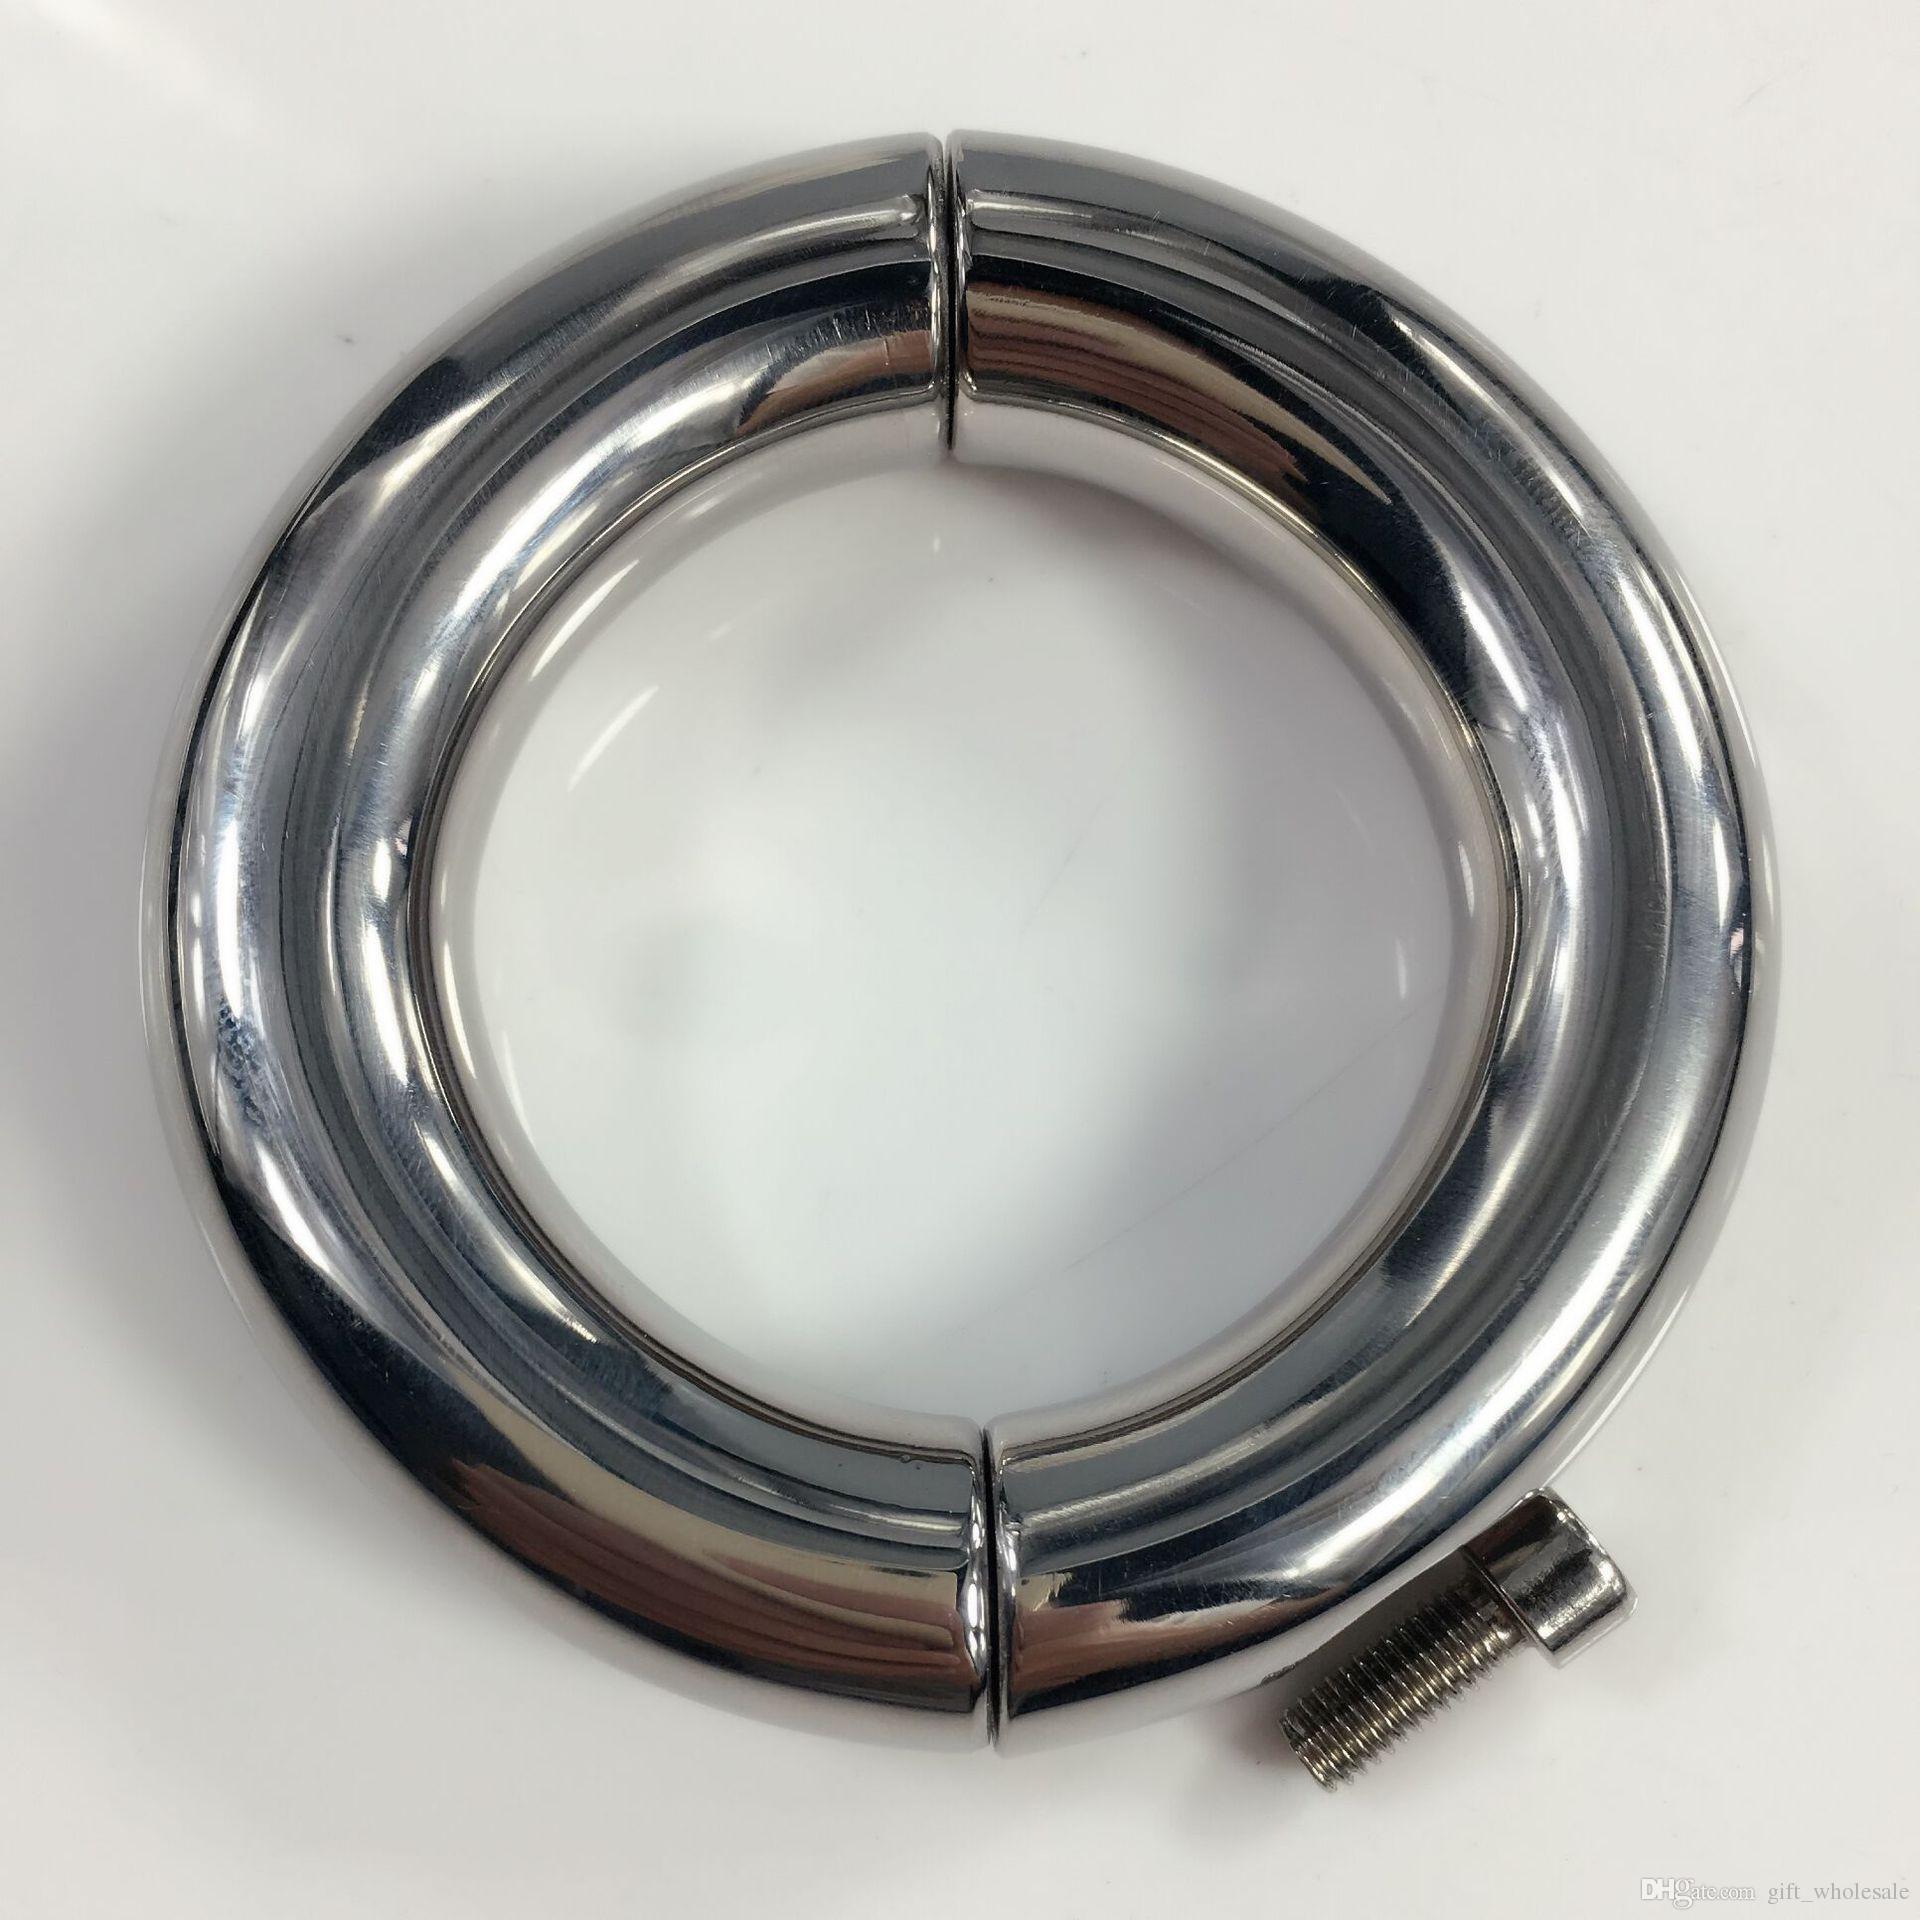 Recém Masculino Rodada Extrema Heavy Metal Cock Anéis Aço Inoxidável Maca Bola Escroto Dispositivo de Escravidão Testicle Maca Bola Peso